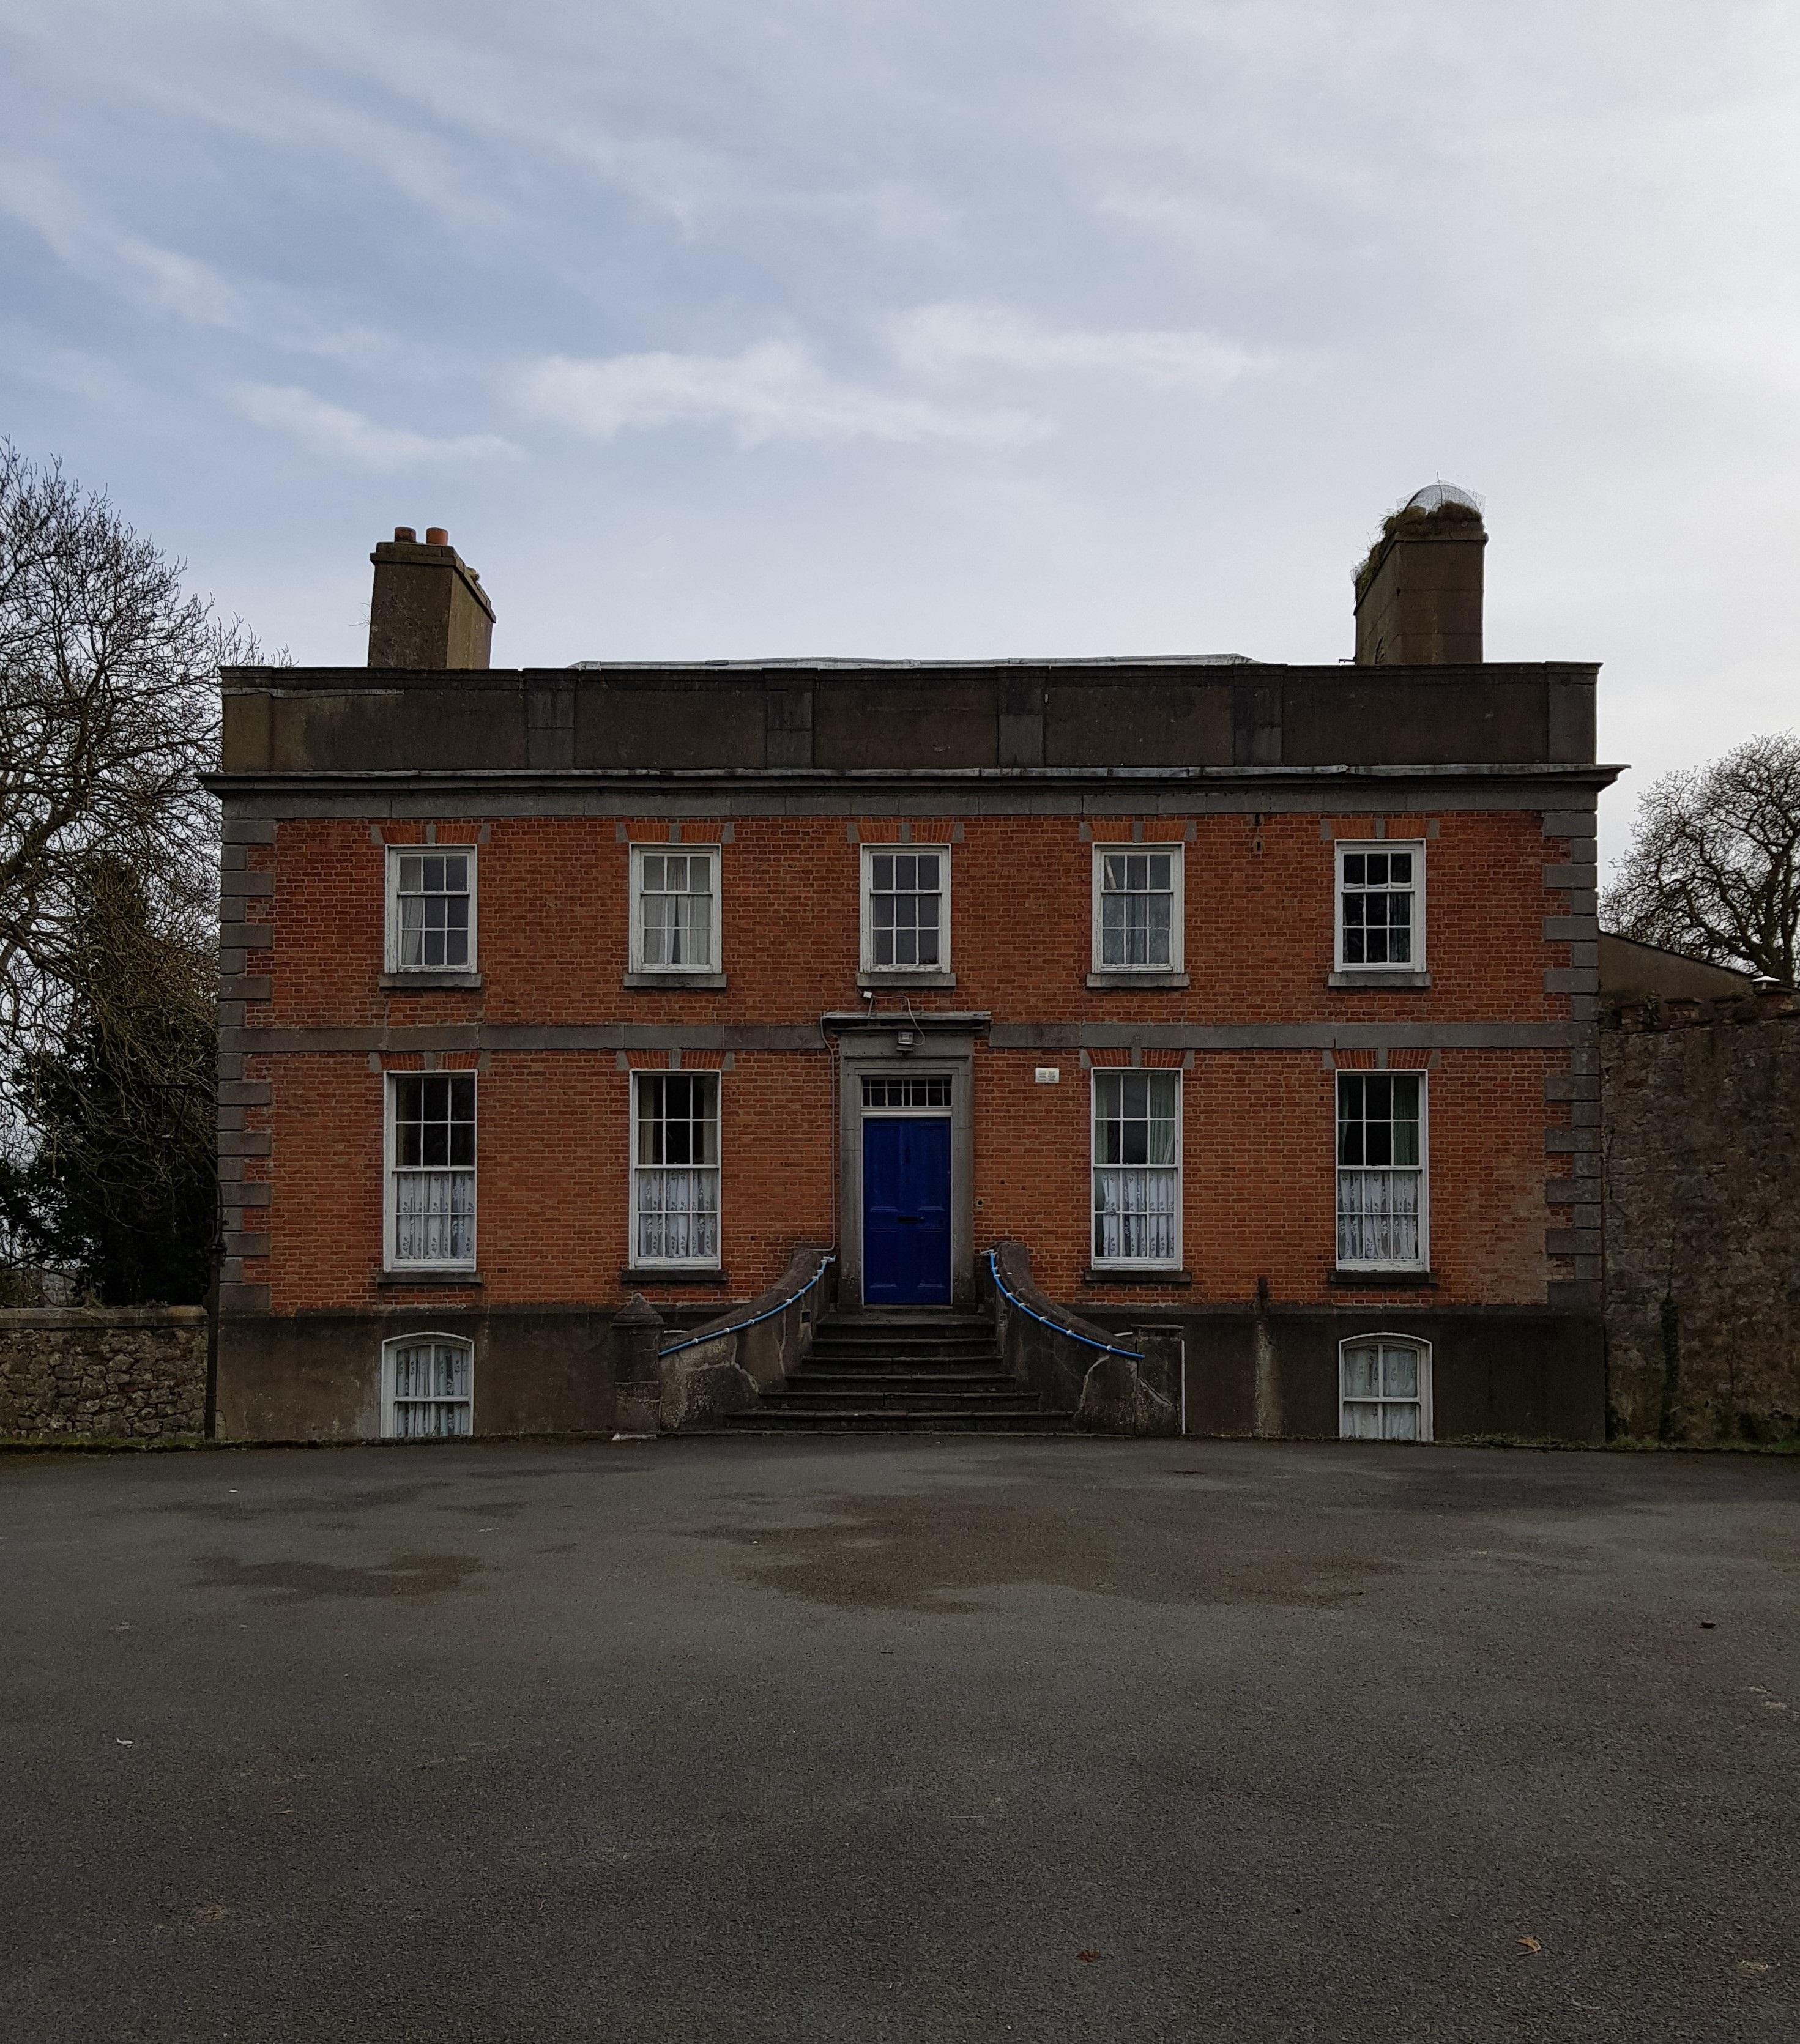 Droichead Arts Centre, West Street, MONEYMORE, Drogheda